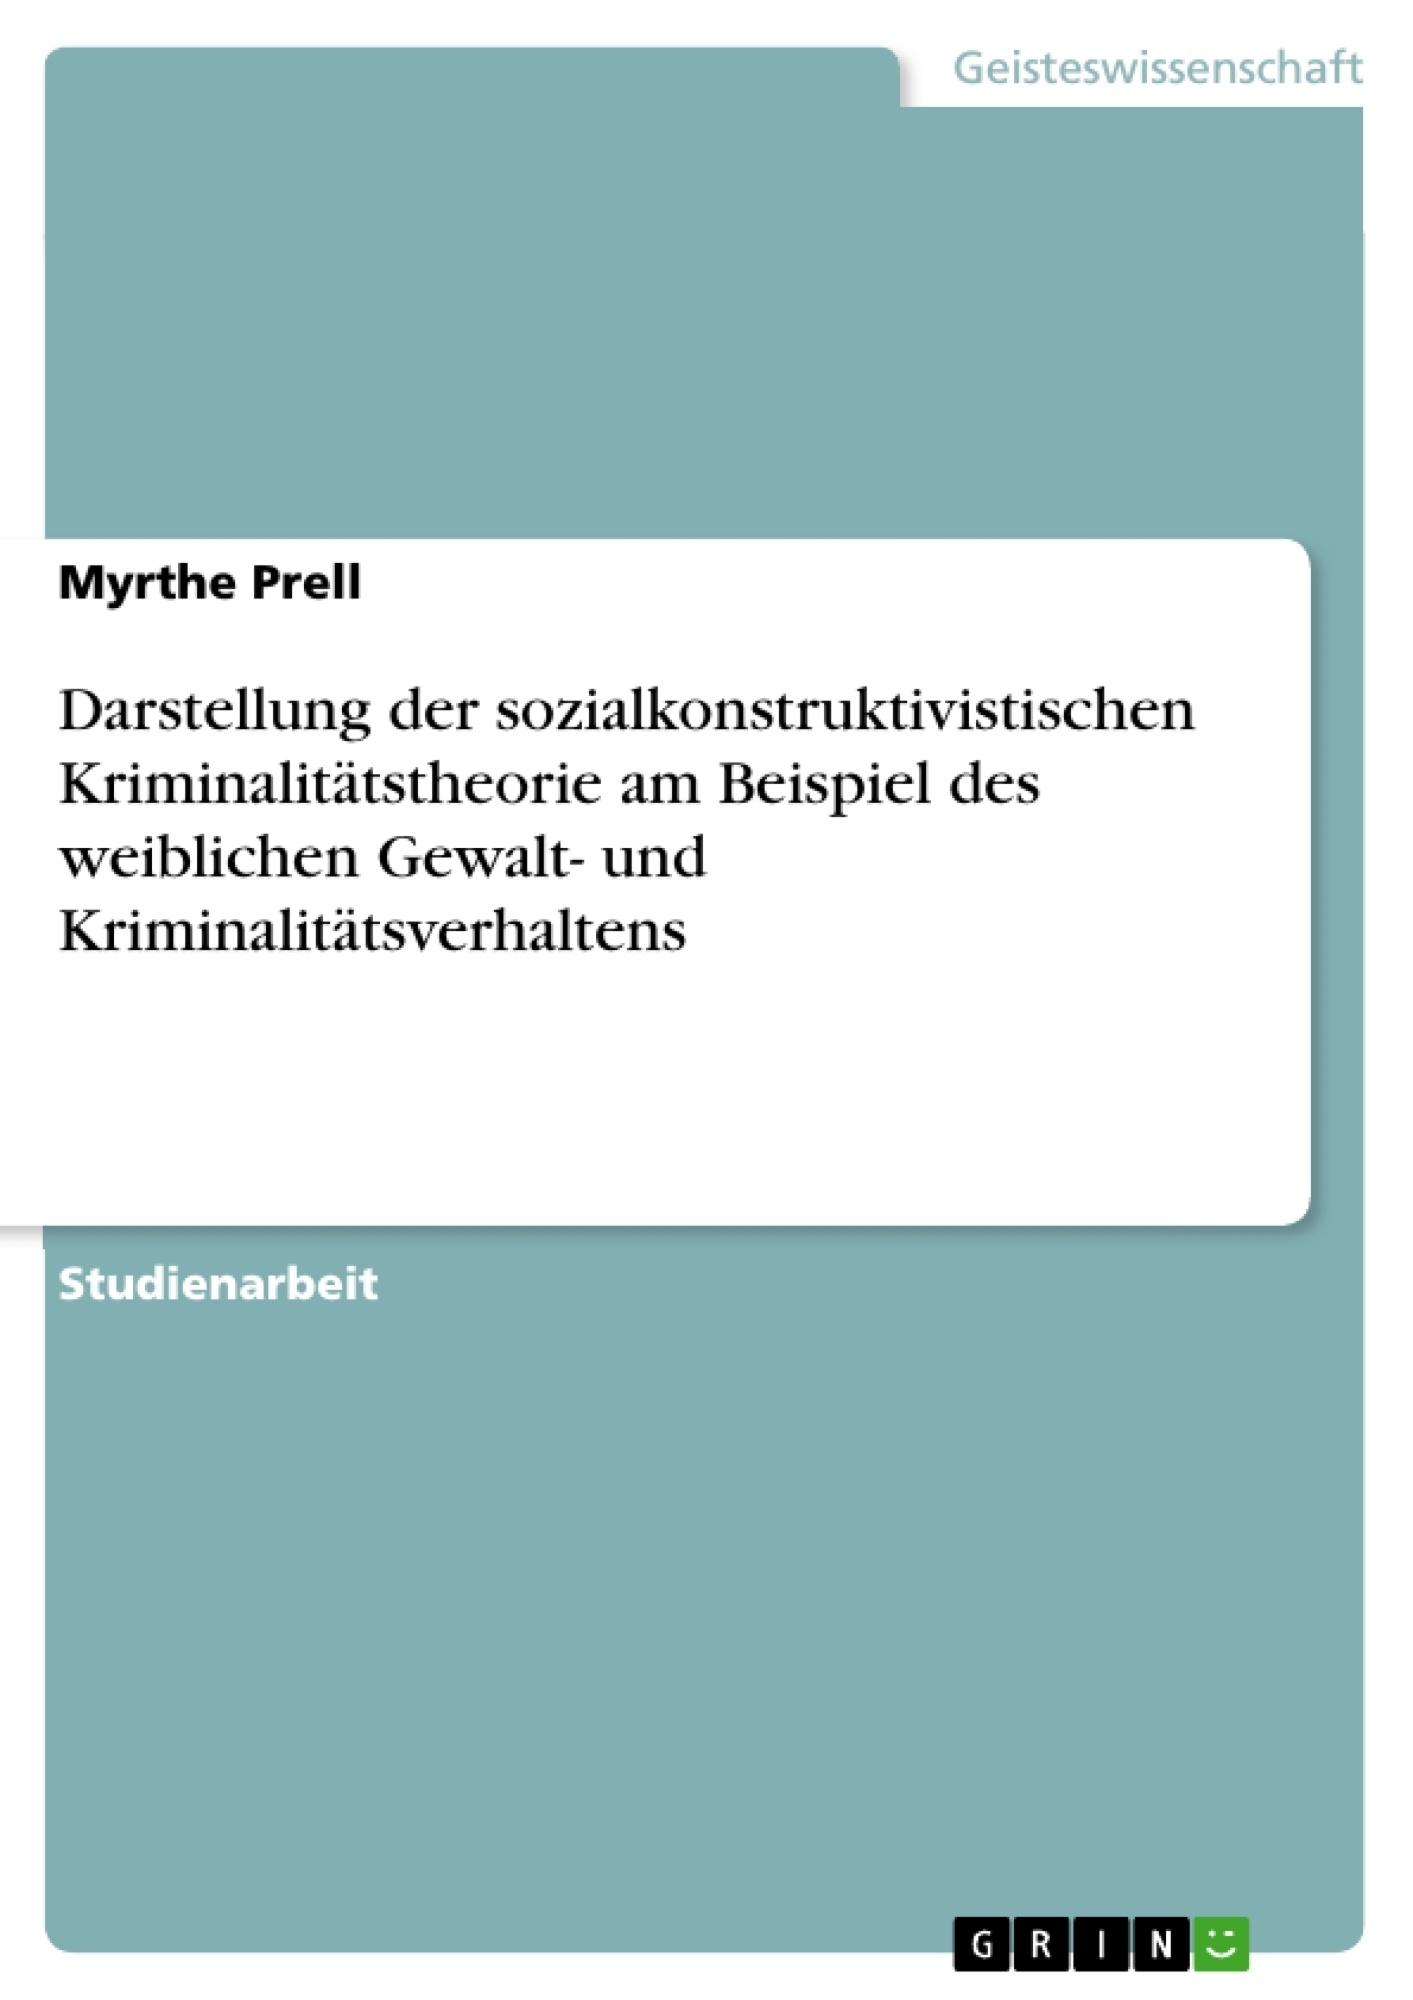 Titel: Darstellung der sozialkonstruktivistischen Kriminalitätstheorie am Beispiel des weiblichen Gewalt- und Kriminalitätsverhaltens